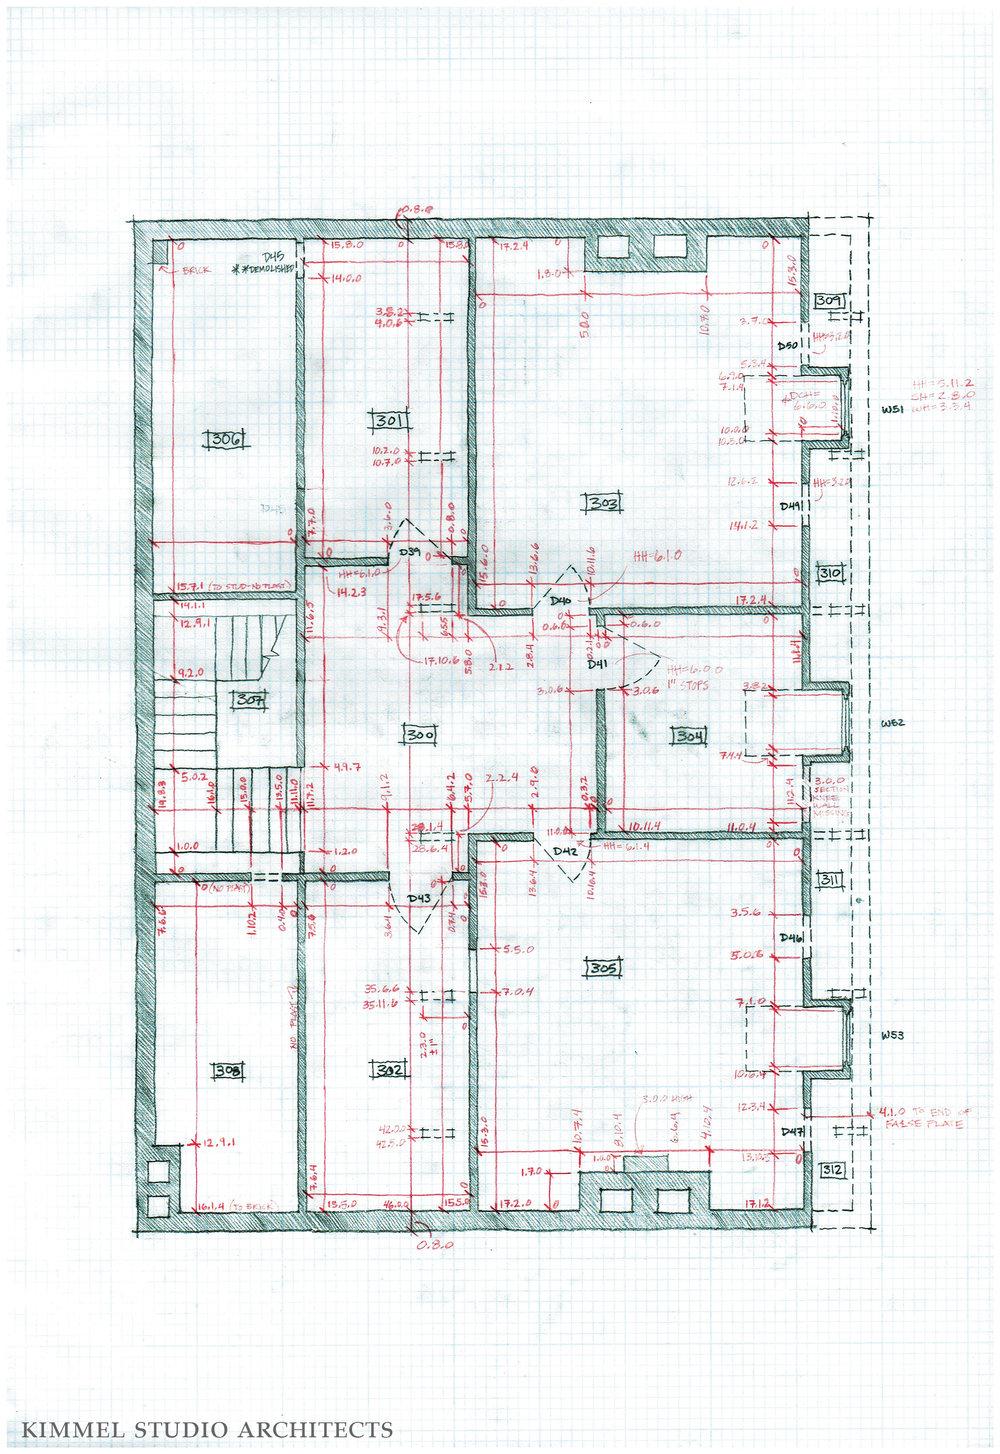 2018.02.22 CPF Third Floor Plan.jpg